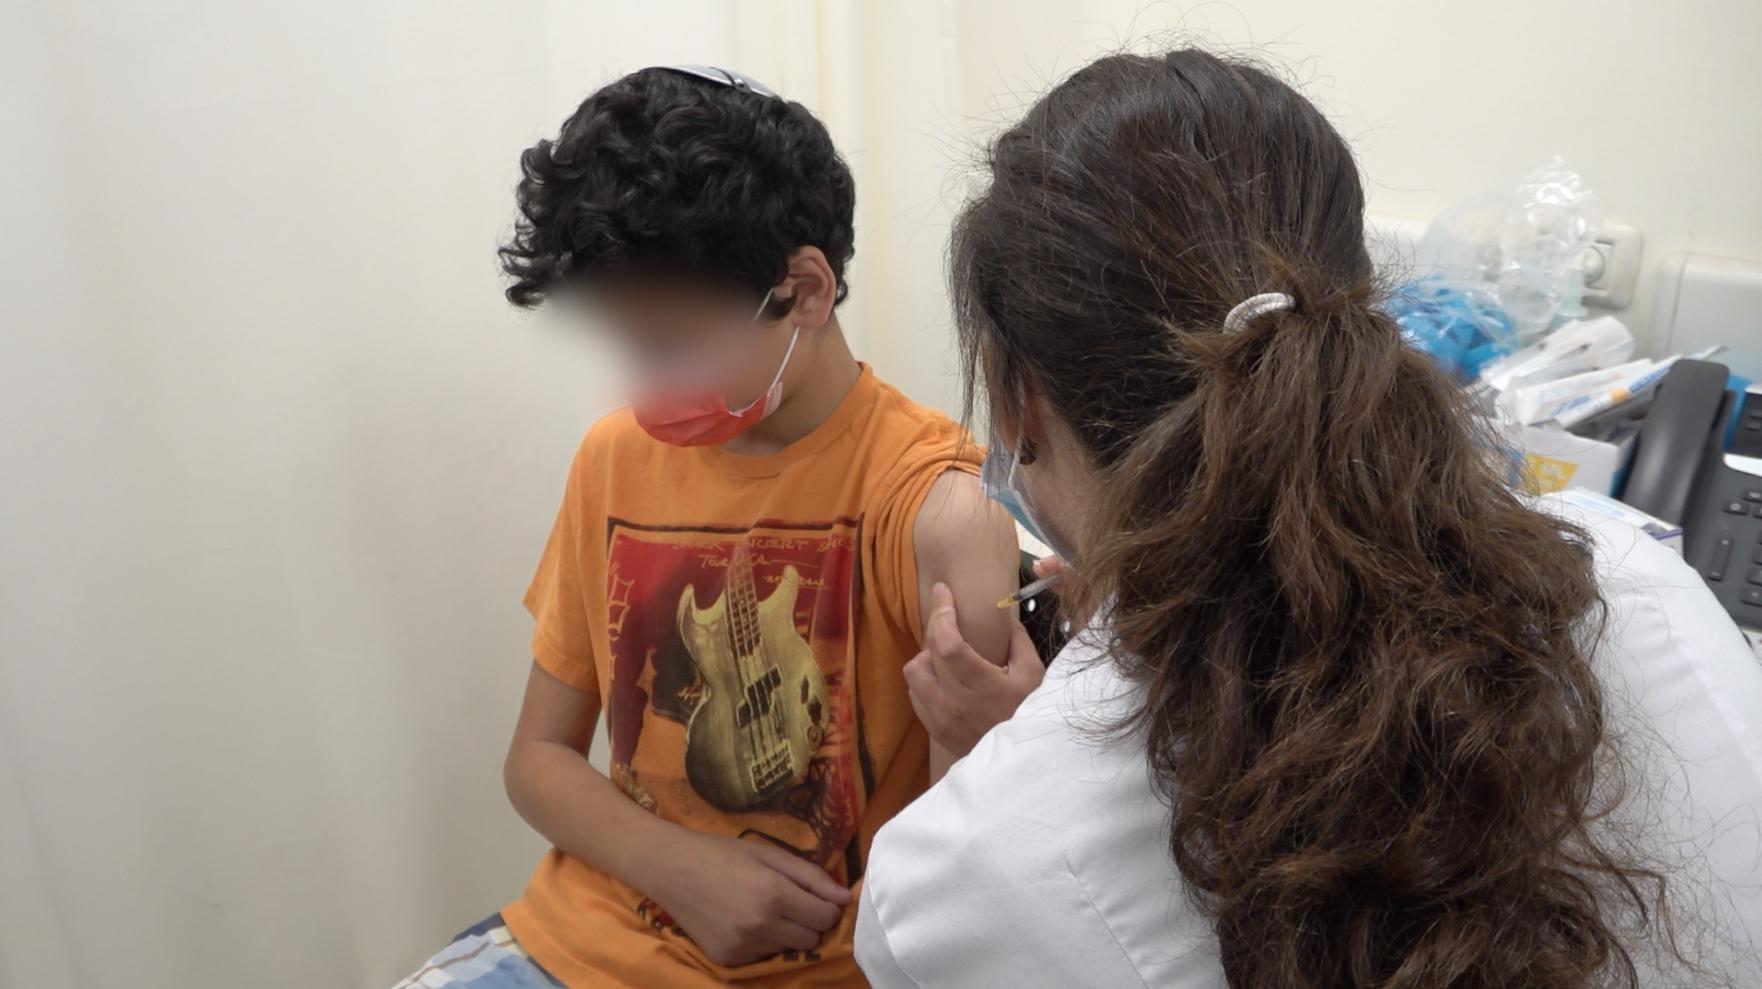 15세 청소년이 백신을 접종하고 있다 (2021.06.24 예루살렘 클라릿 백신접종센터).png